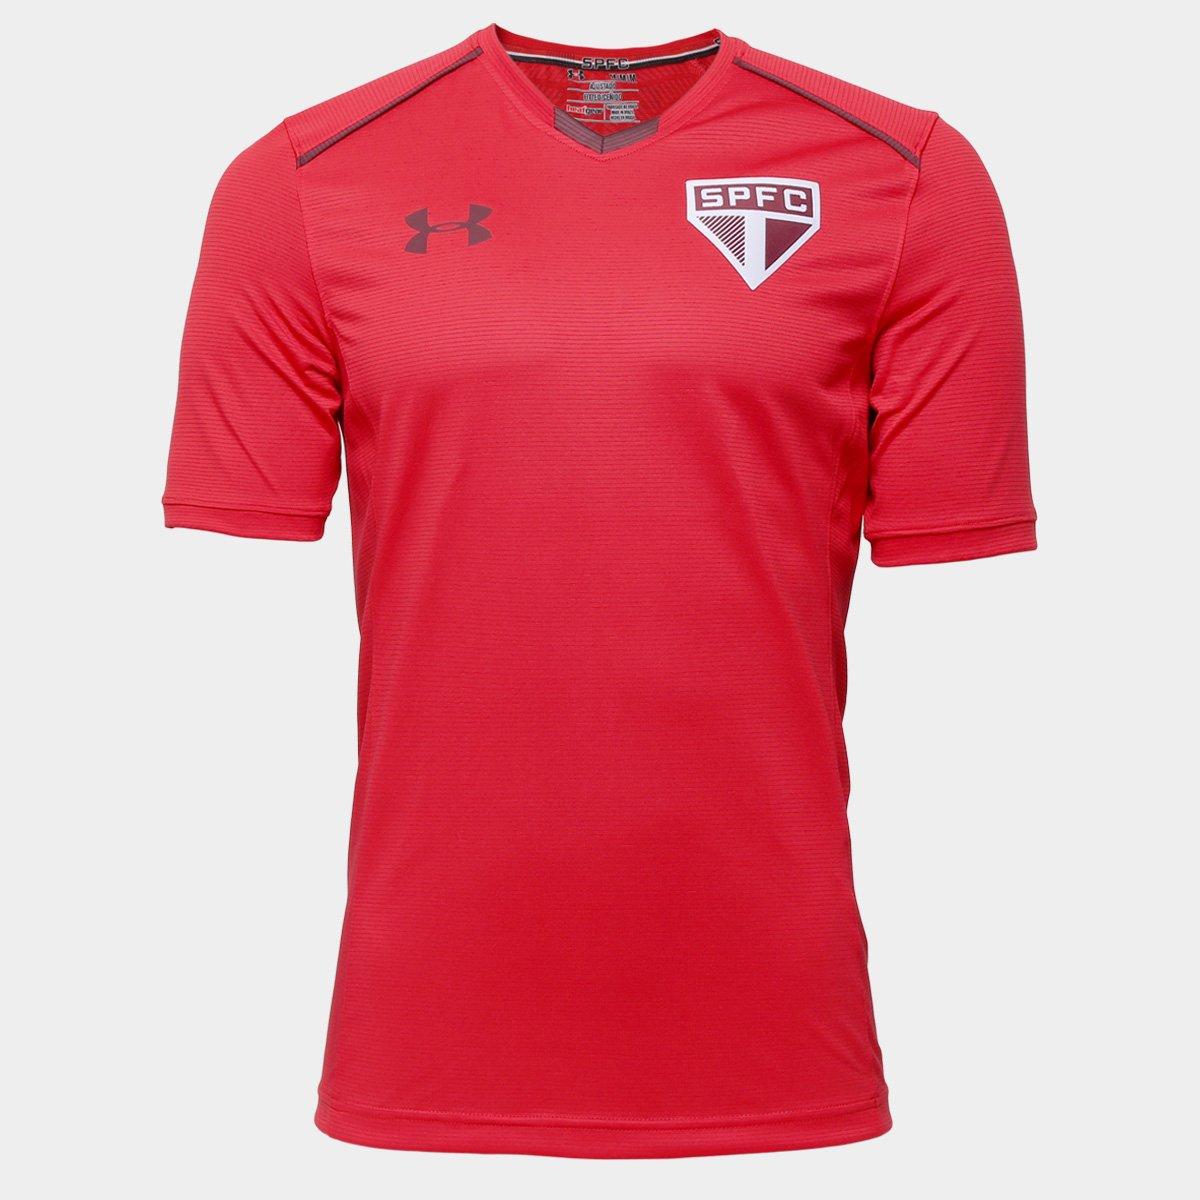 6b45bd0d380 Camisa de Treino São Paulo 17 18 Under Armour Masculina - Compre Agora